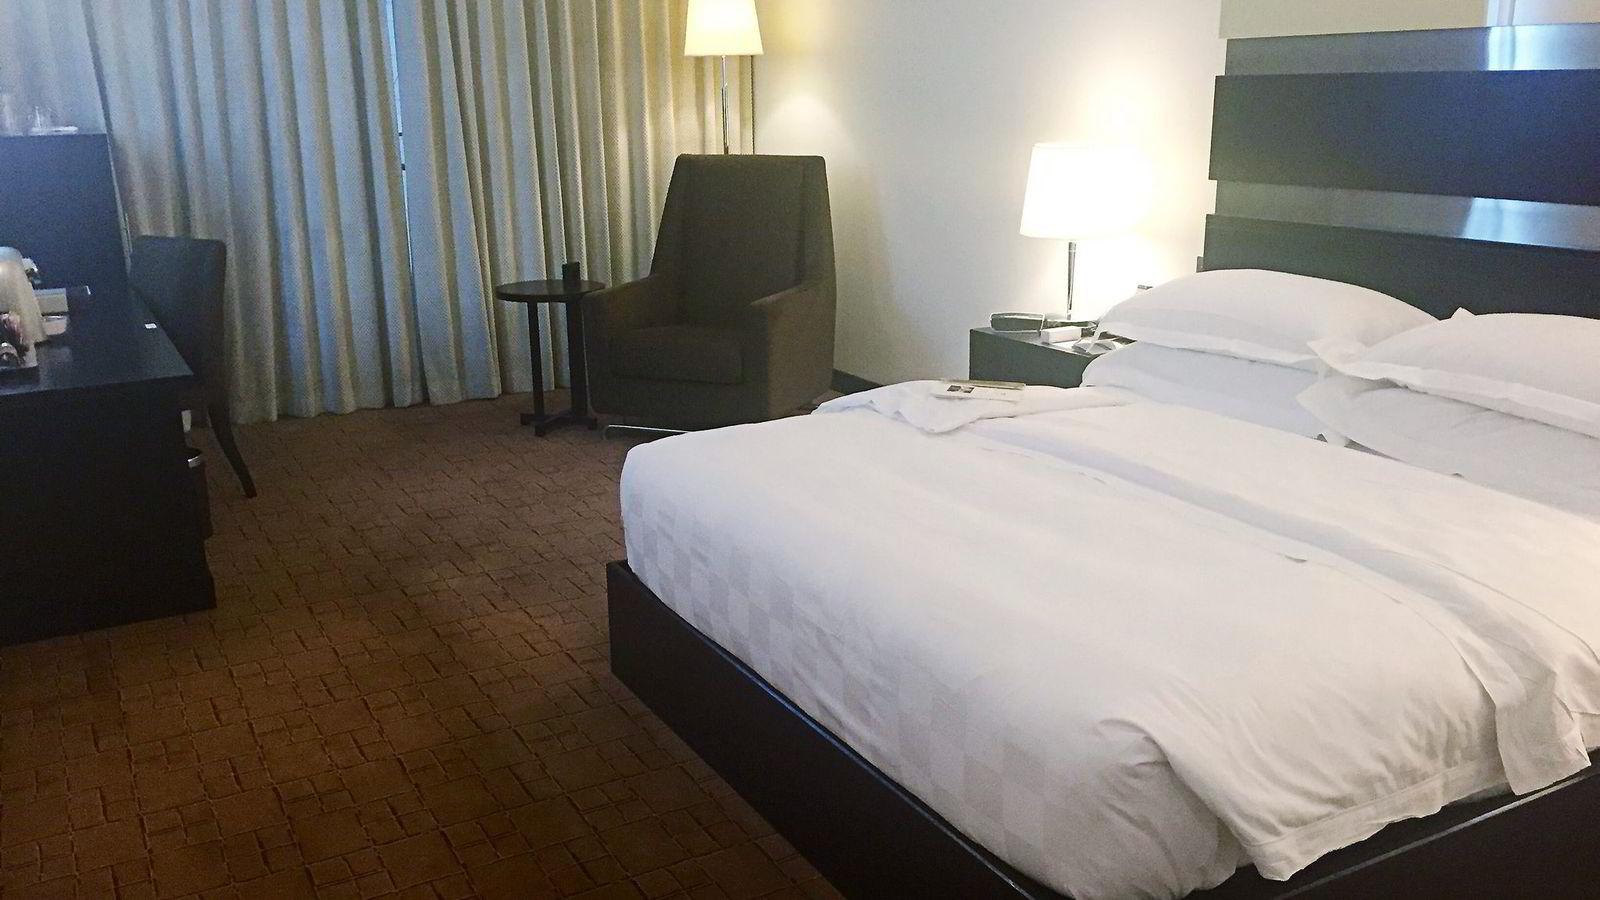 Dubai International Hotel gir deg en stille, behagelig natt mellom to flighter. Men det koster.                Det aller beste med rommet er at det er helt lydtett.